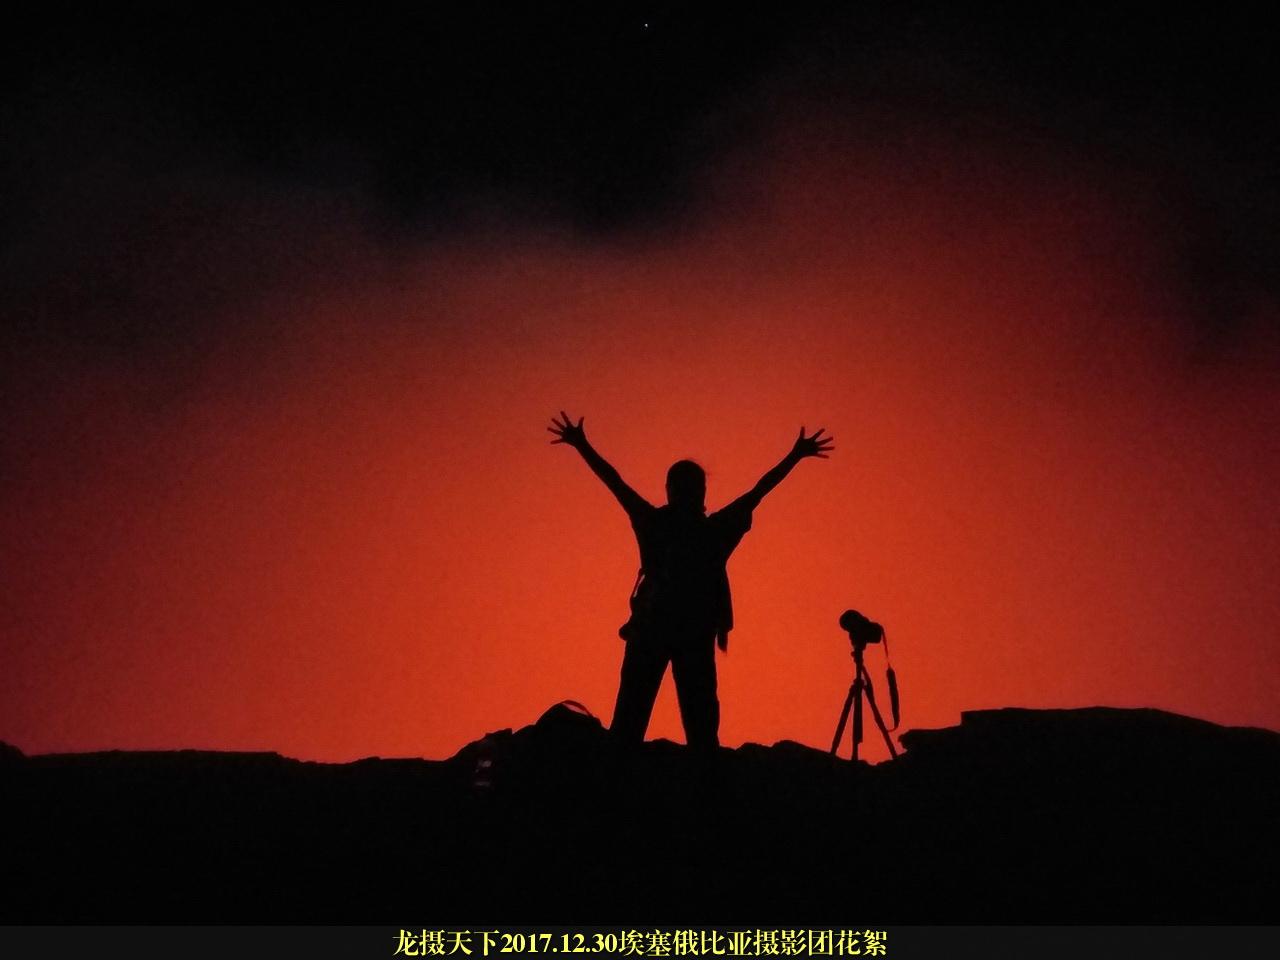 2017.12.30埃塞俄比亚火山摄影团花絮